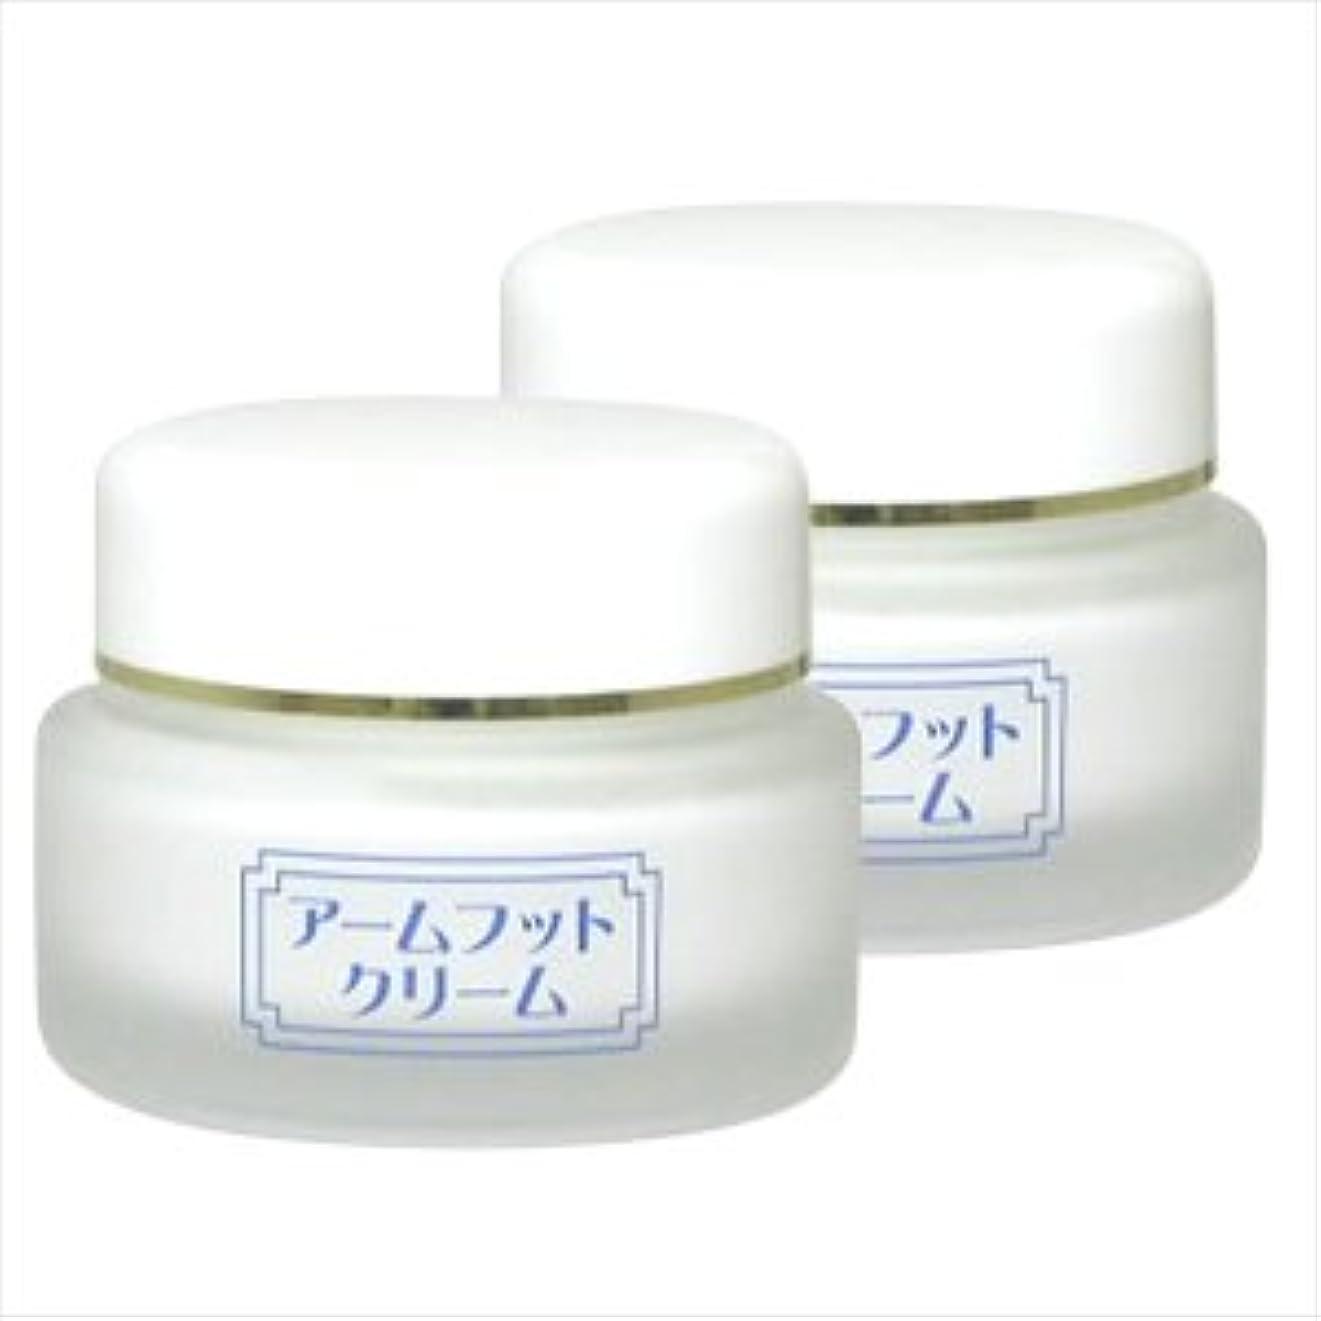 専門用語ジェットなので薬用デオドラントクリーム アームフットクリーム(20g) (2個セット)